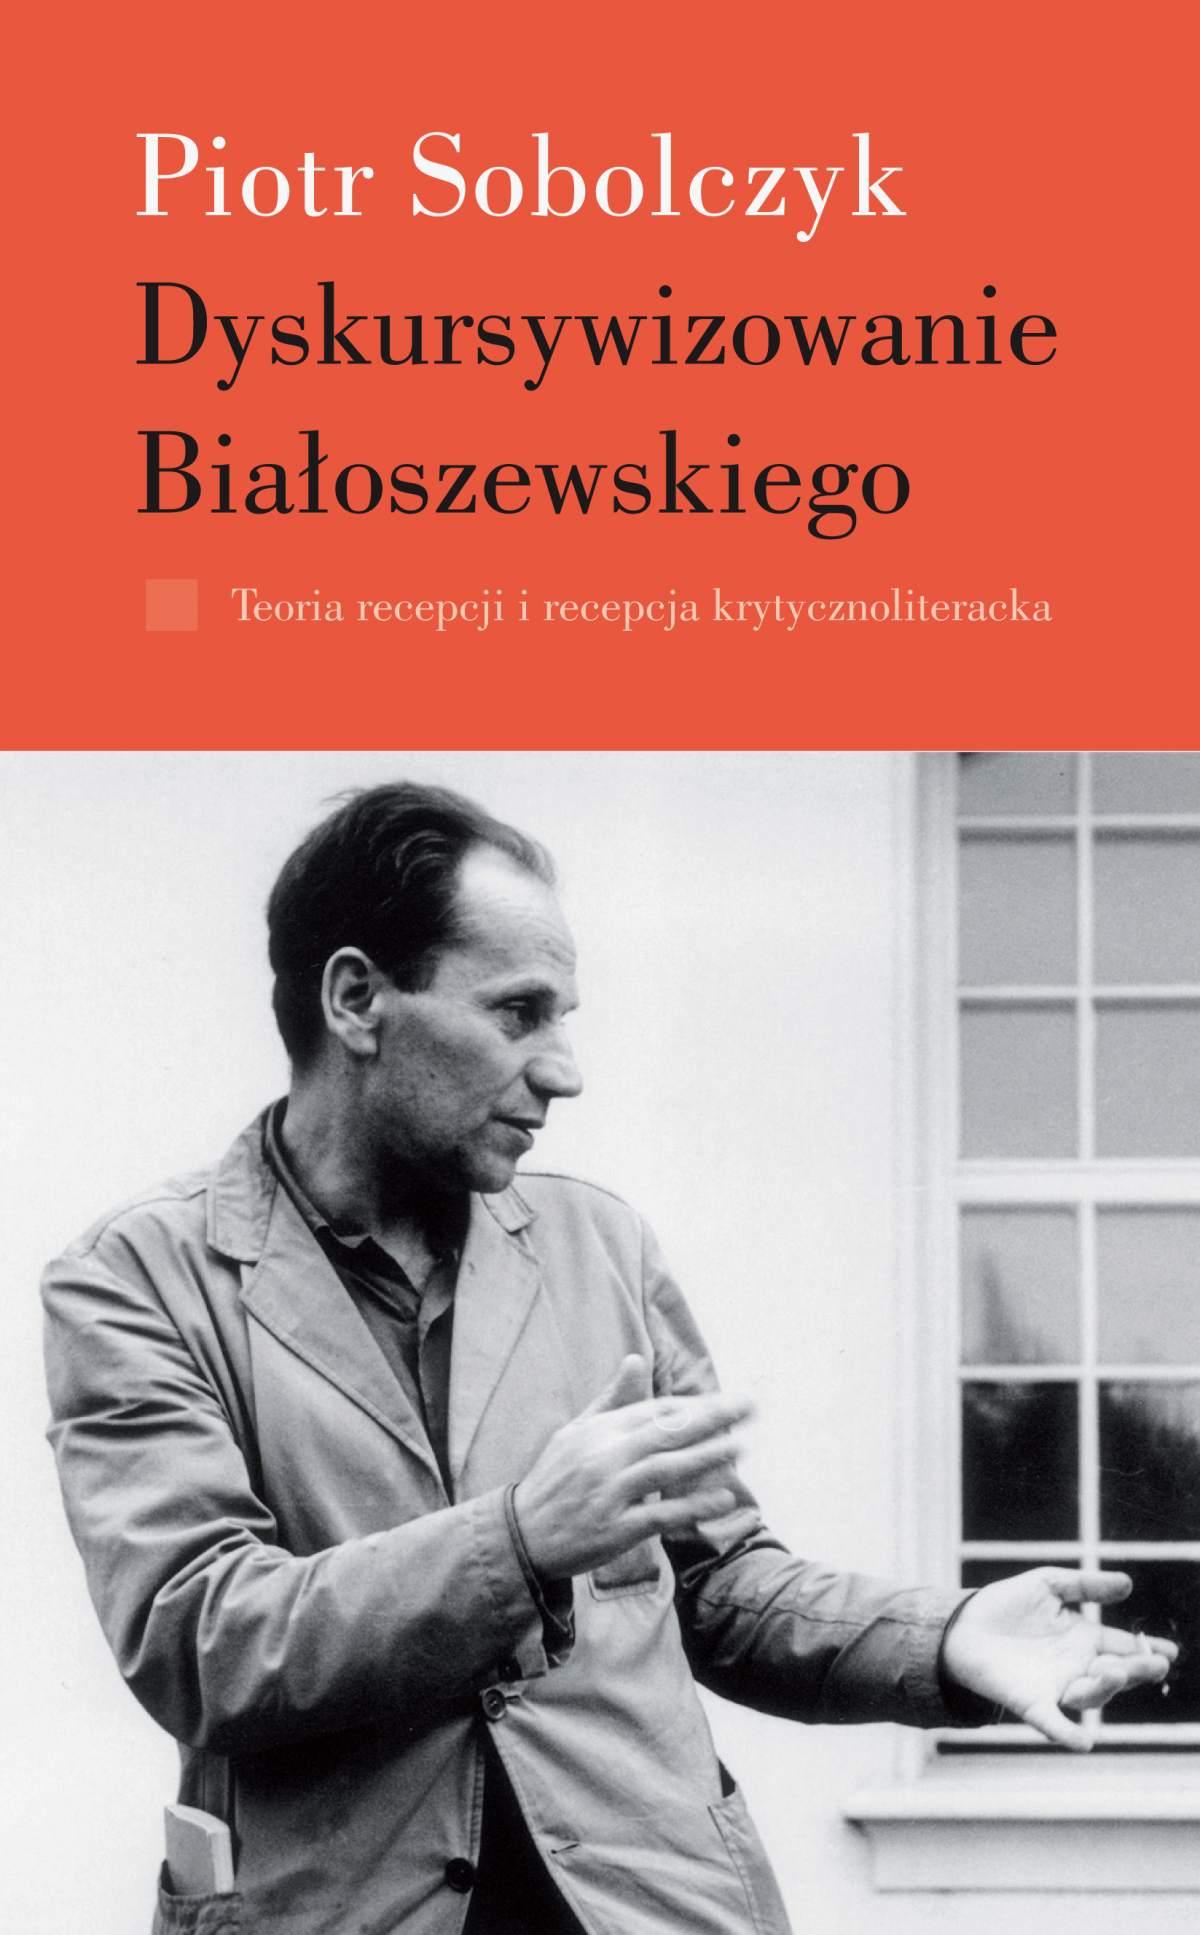 Dyskursywizowanie Białoszewskiego. Tom 1 - Ebook (Książka EPUB) do pobrania w formacie EPUB